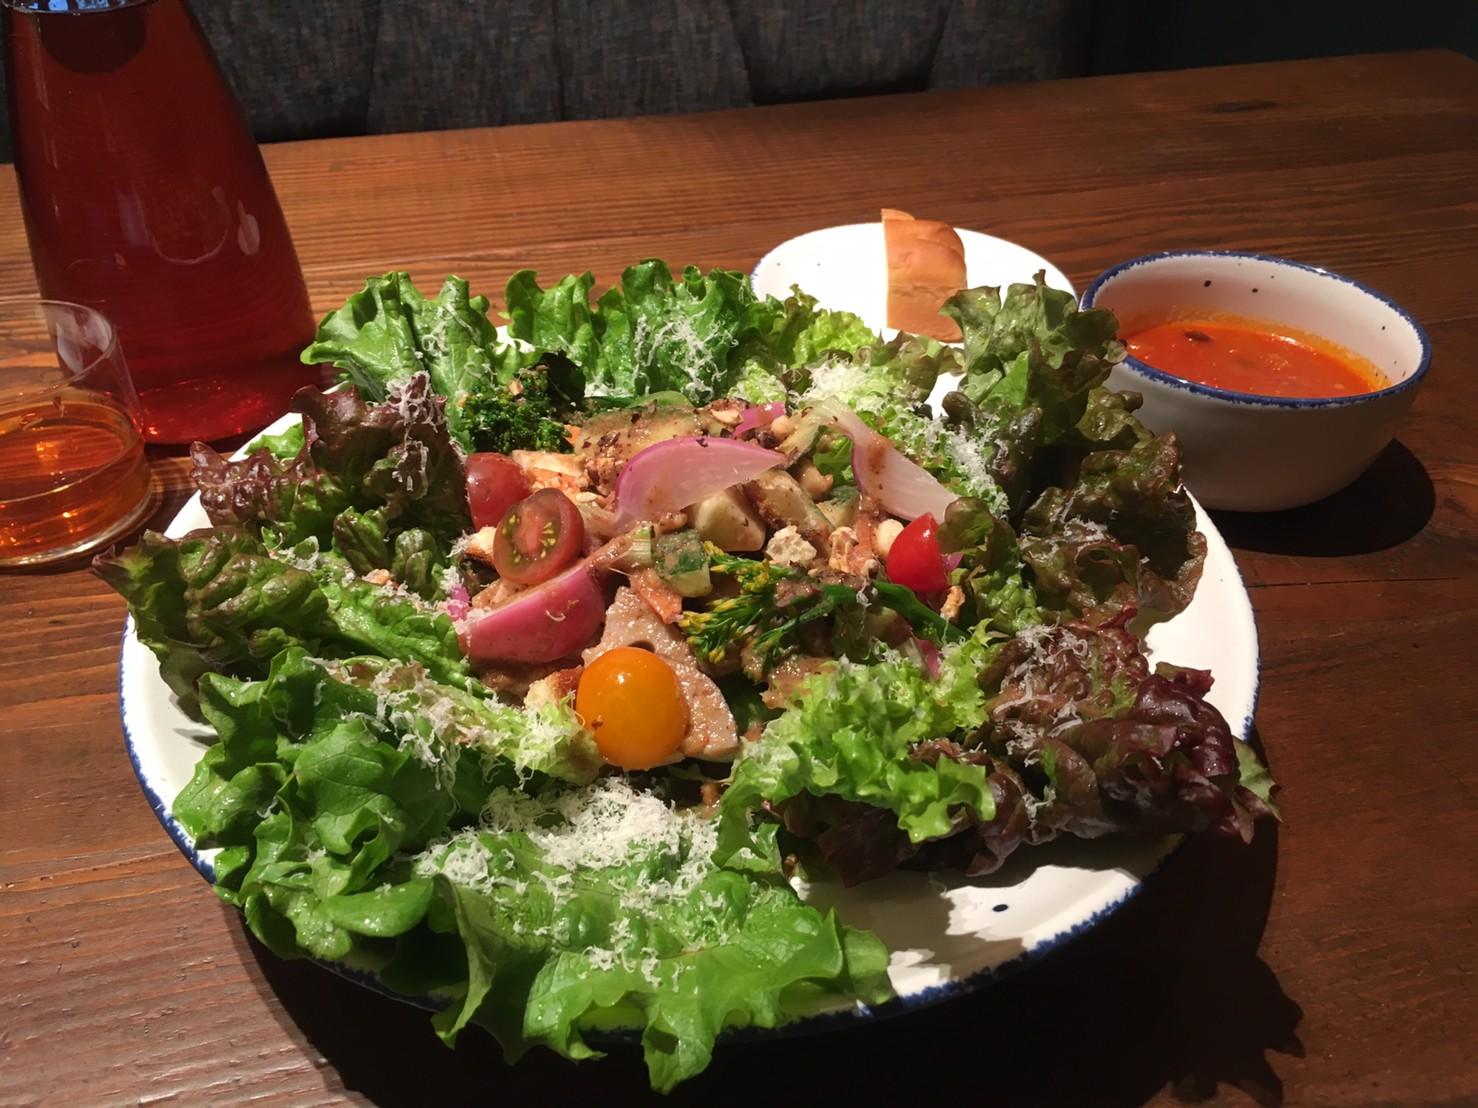 ノック ムスブ 田町店 料理 サラダ